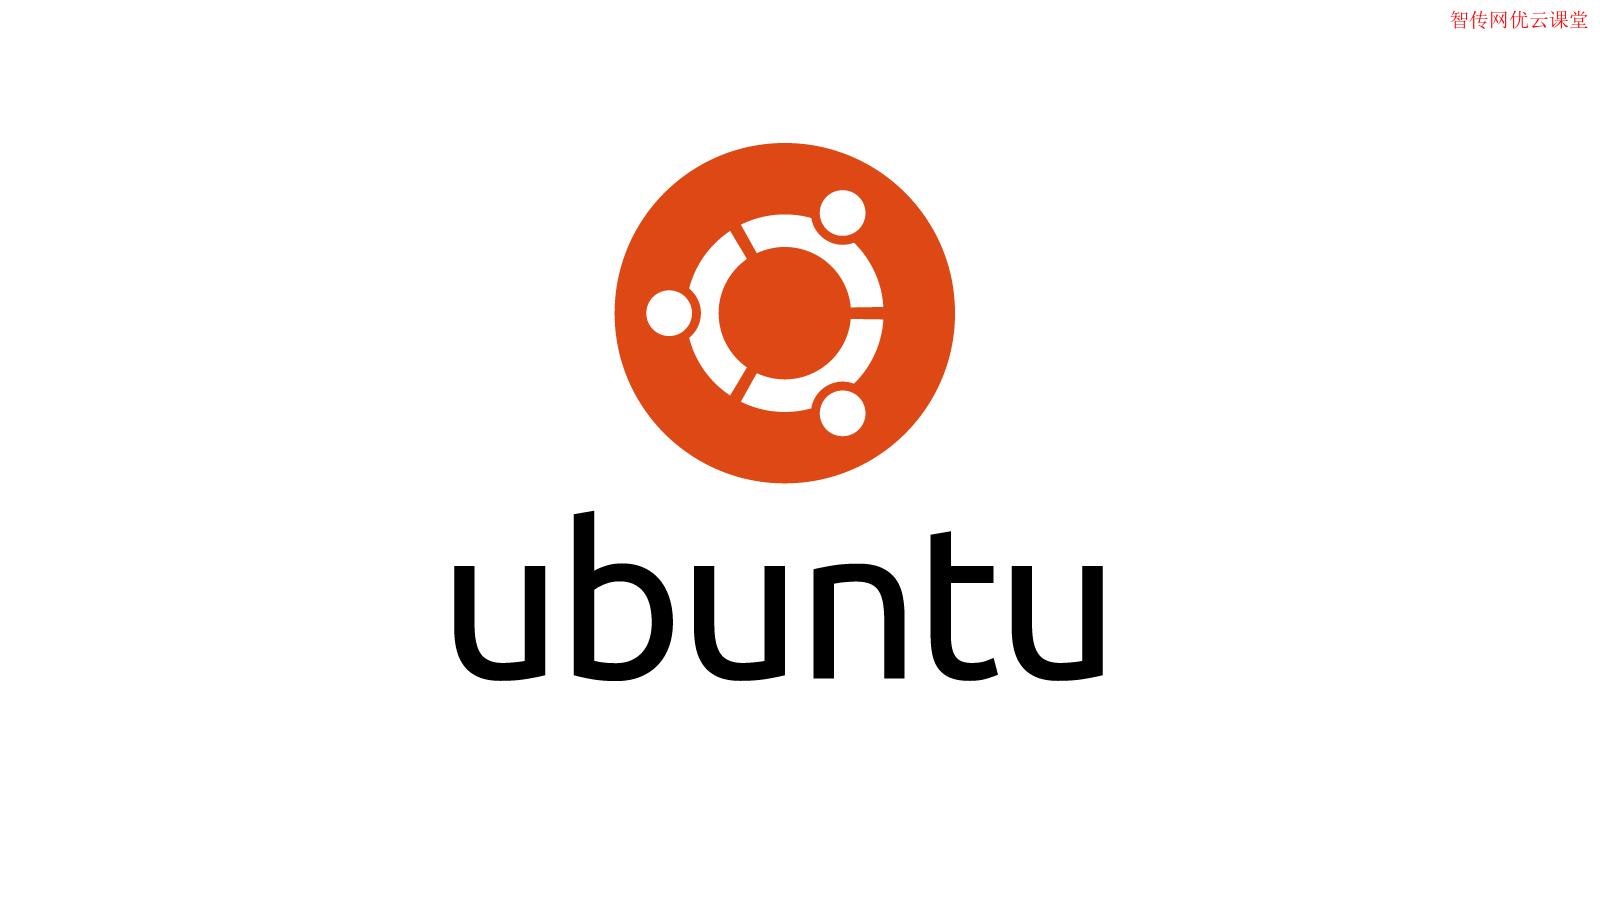 基于Debian体系的ubuntu